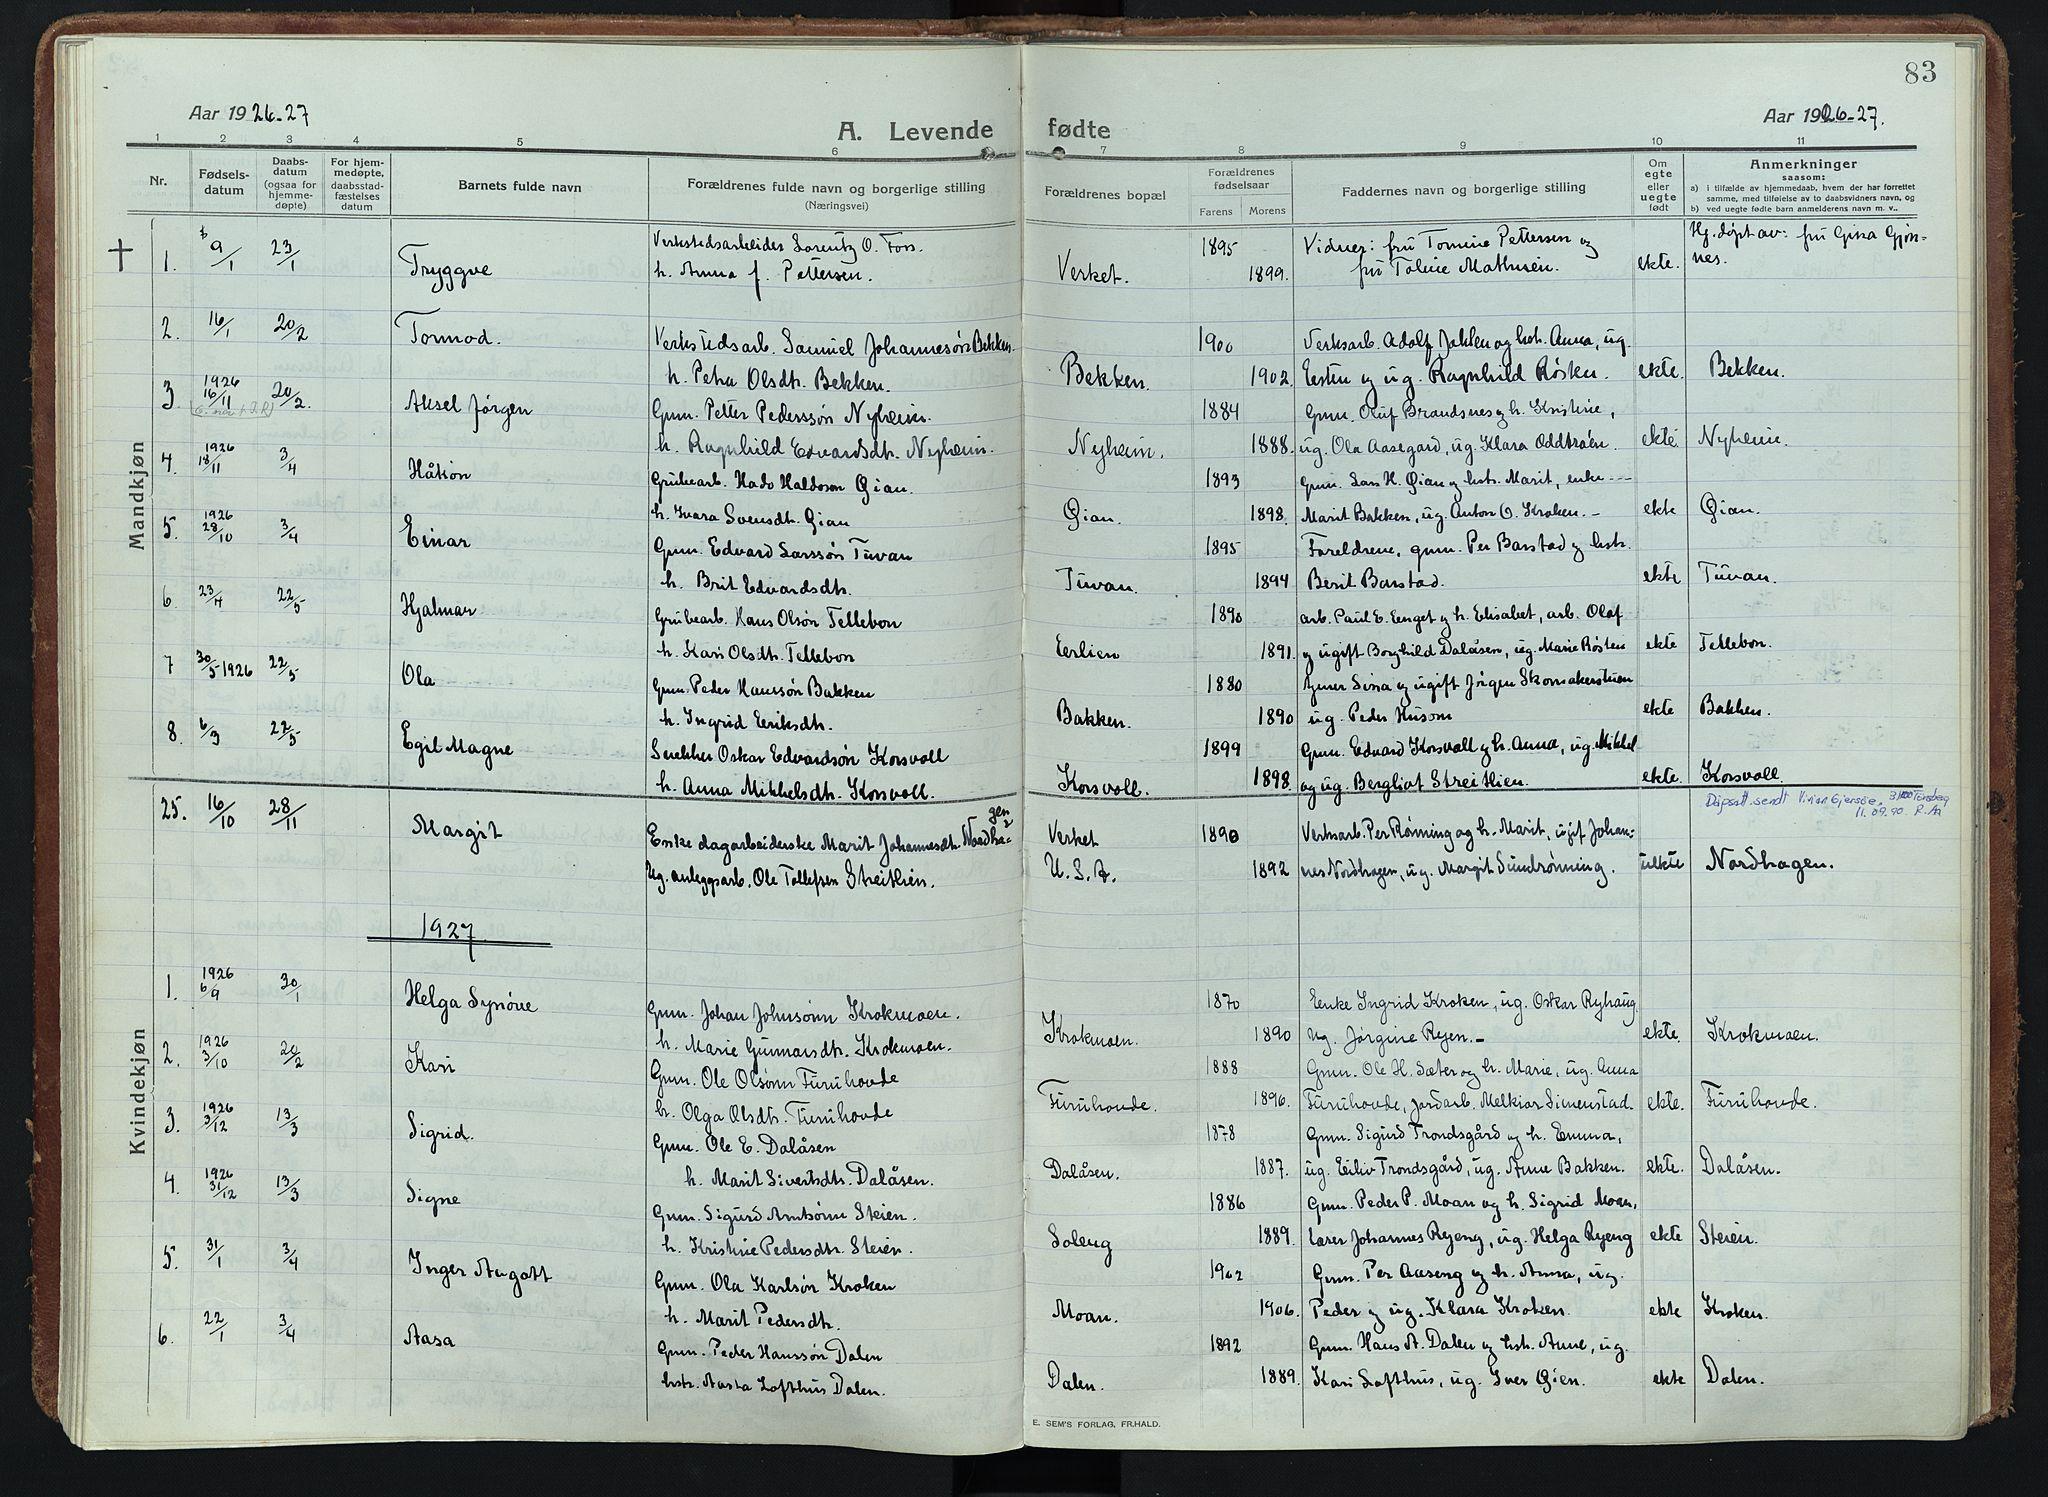 SAH, Alvdal prestekontor, Ministerialbok nr. 5, 1913-1930, s. 83